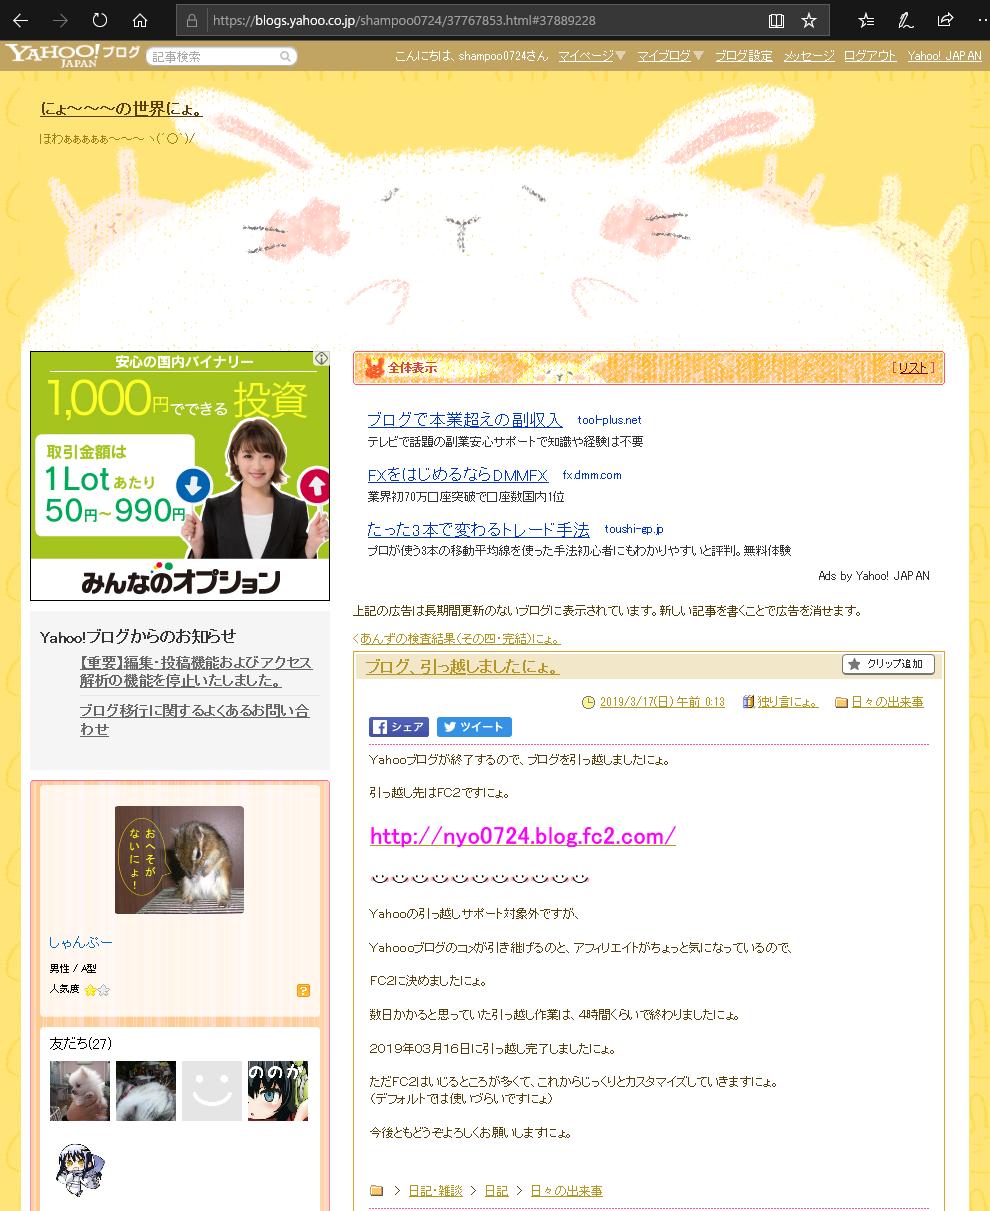 Yahoo最後のブログ2